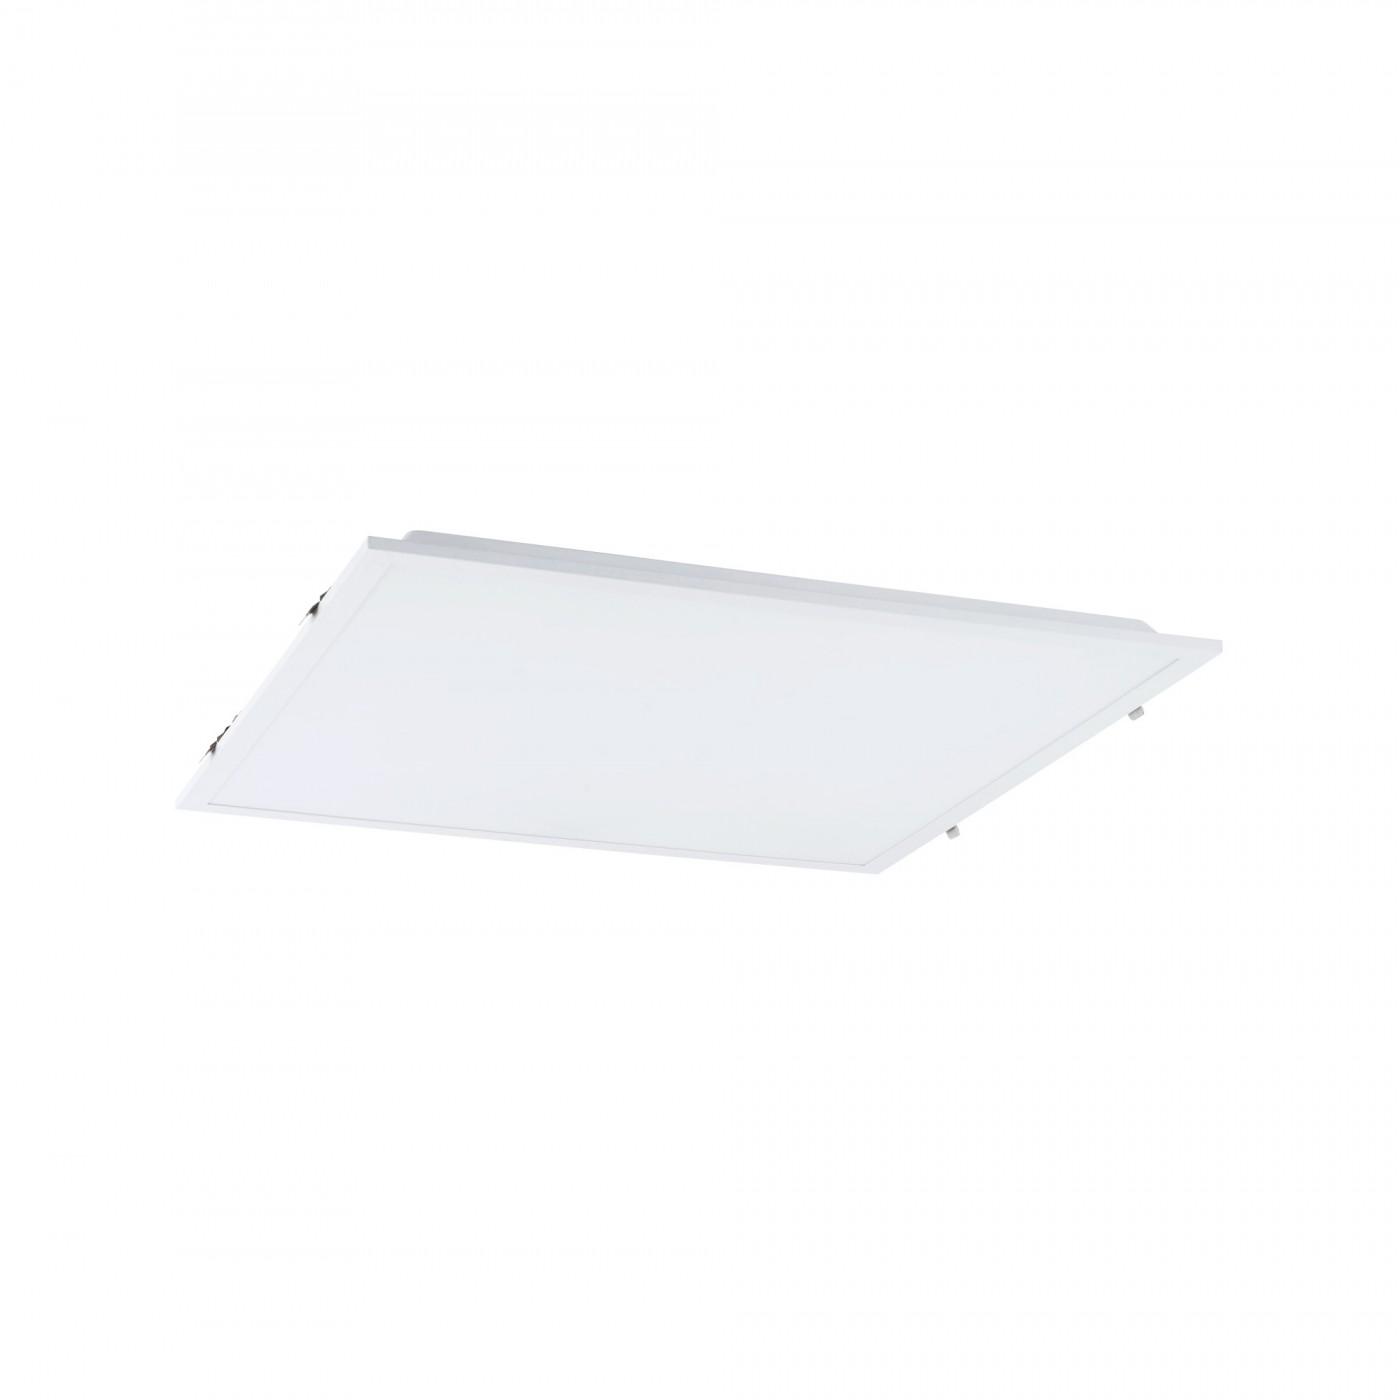 CL ITAKA LED 40W 4000K 8456 Nowodvorski Lighting